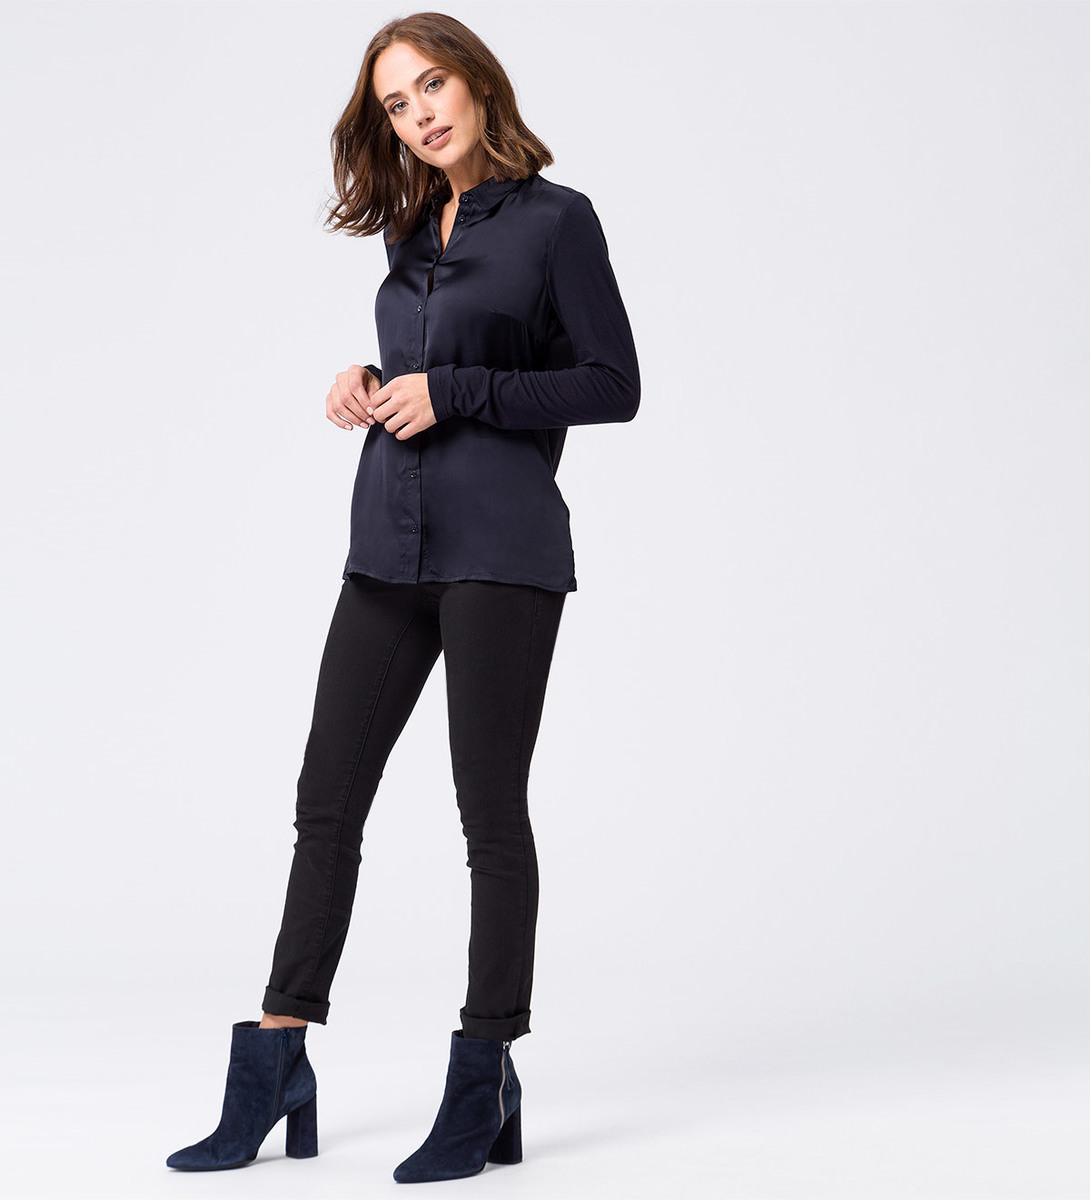 Bluse mit Knopfleiste in blue black